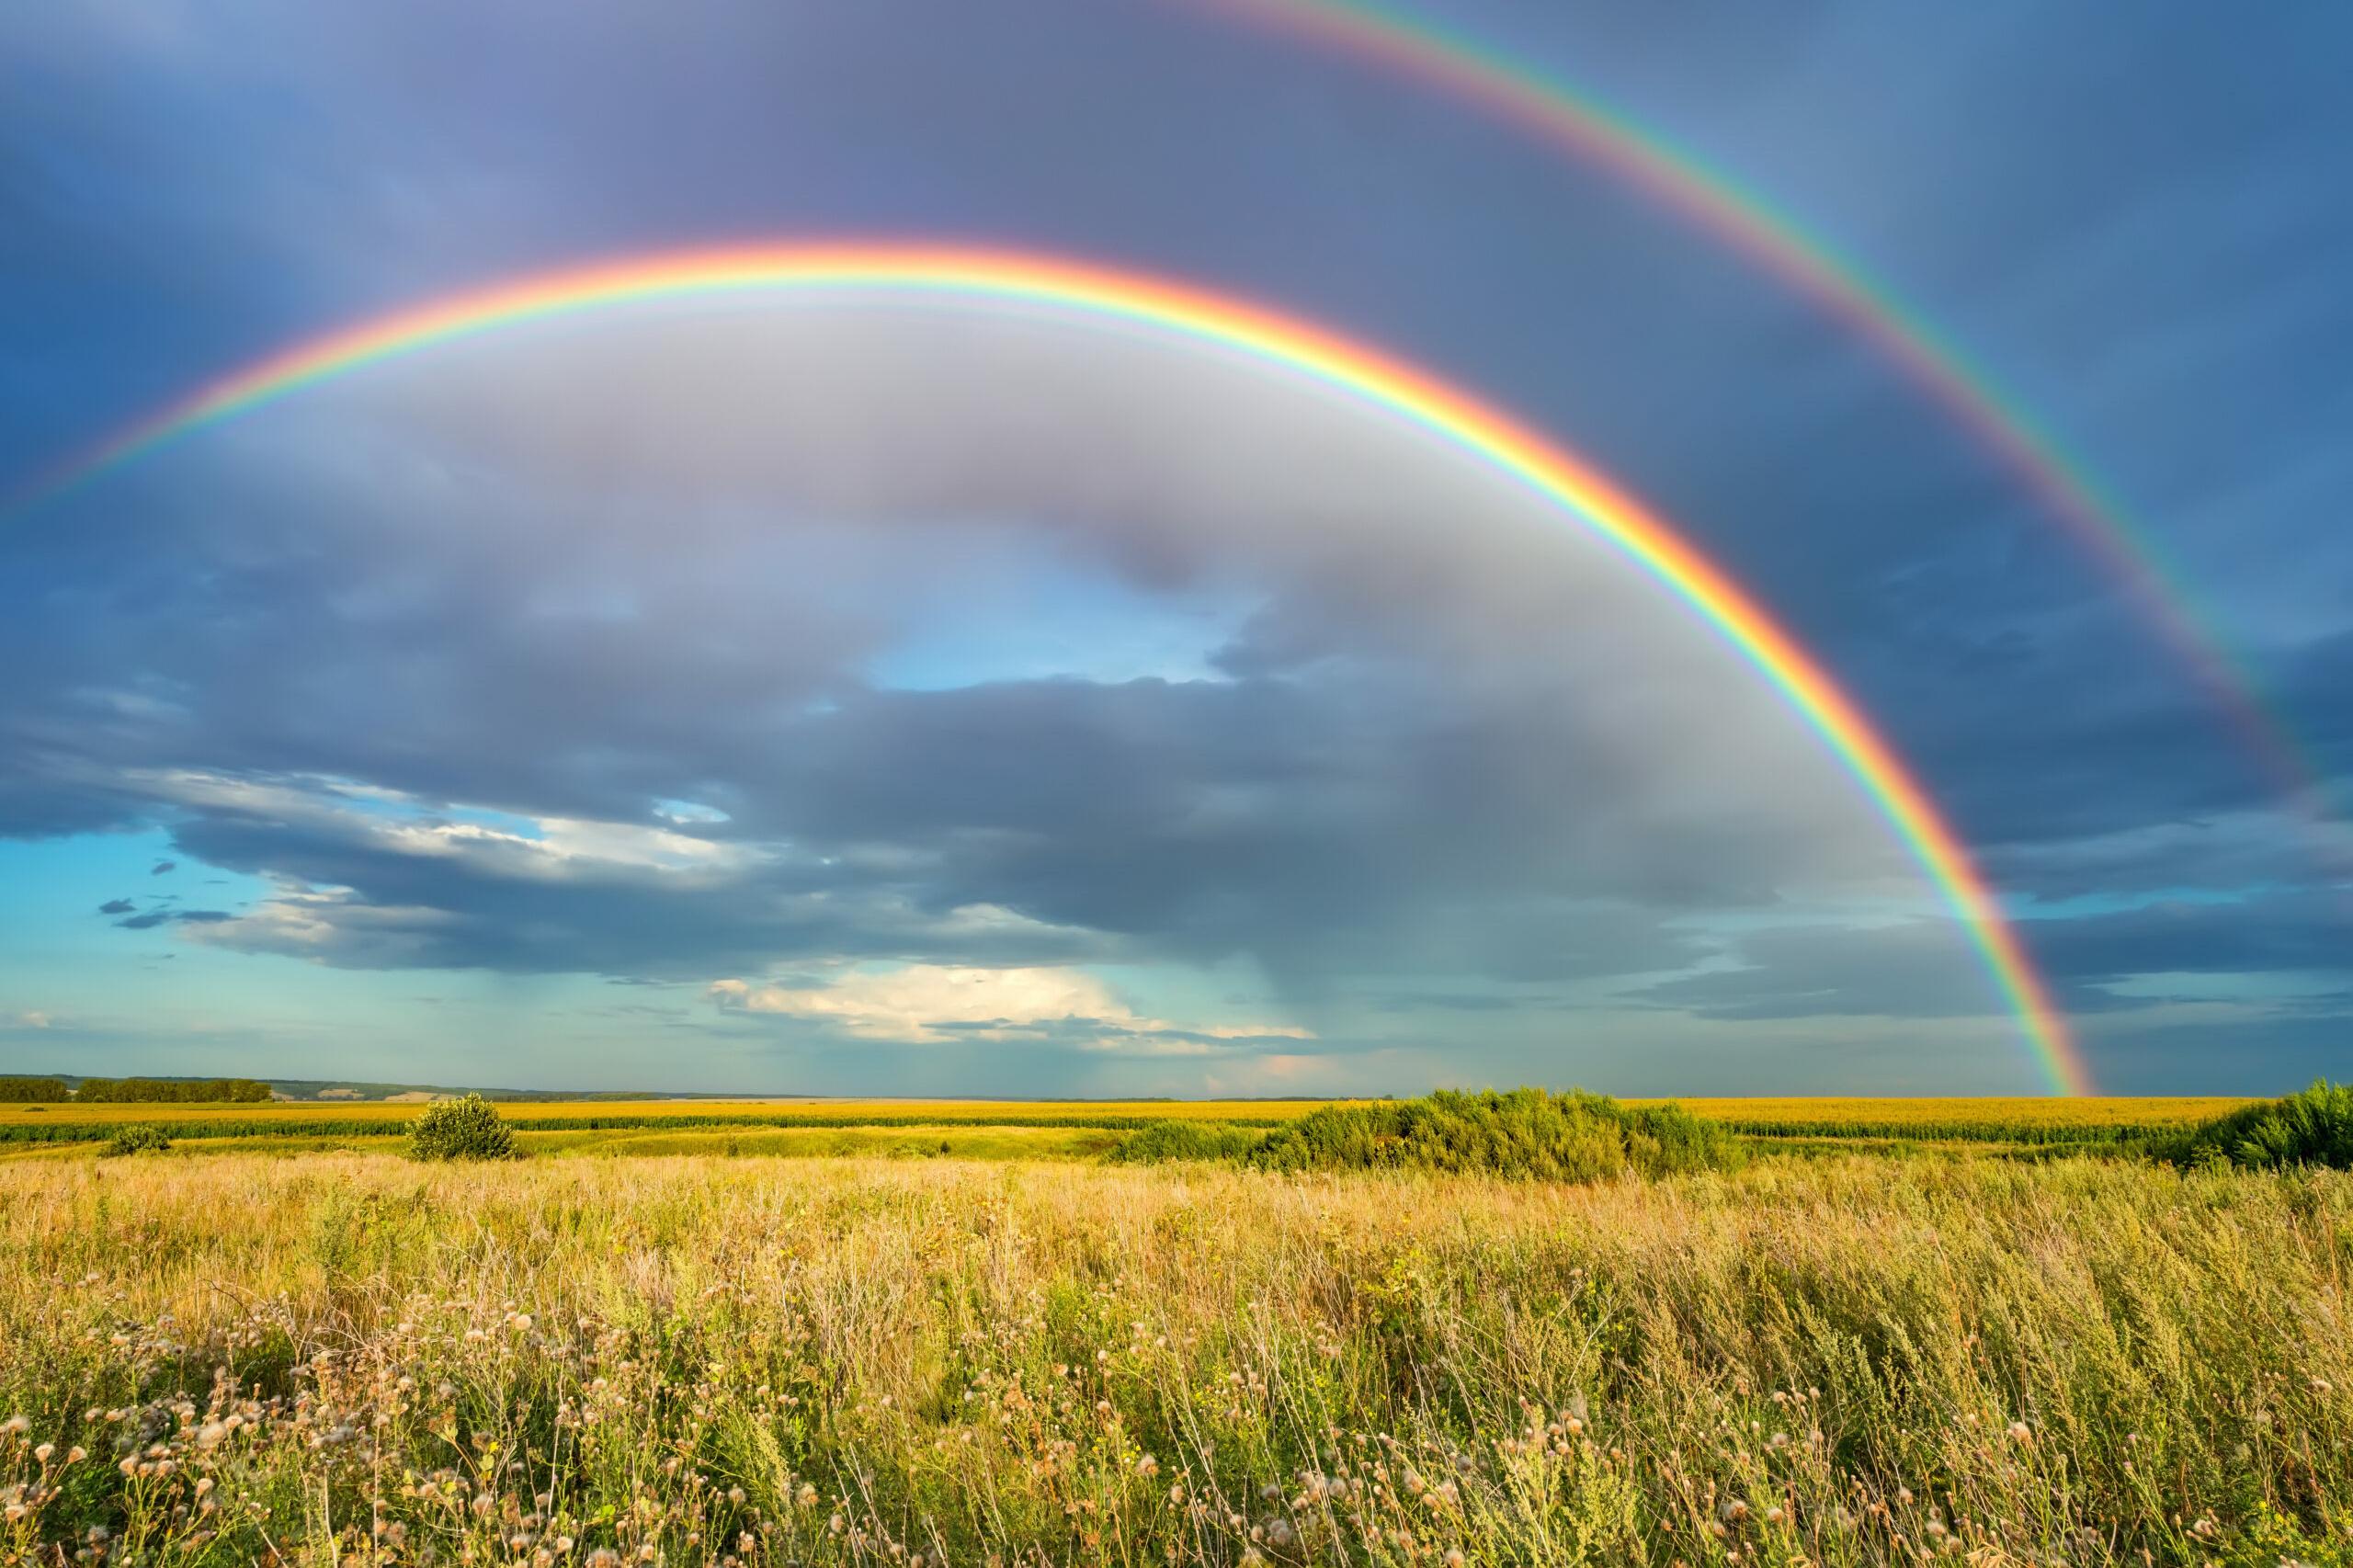 Krise: Regenbogen am gewittrigen Himmel im Sommer über einem Kornfeld